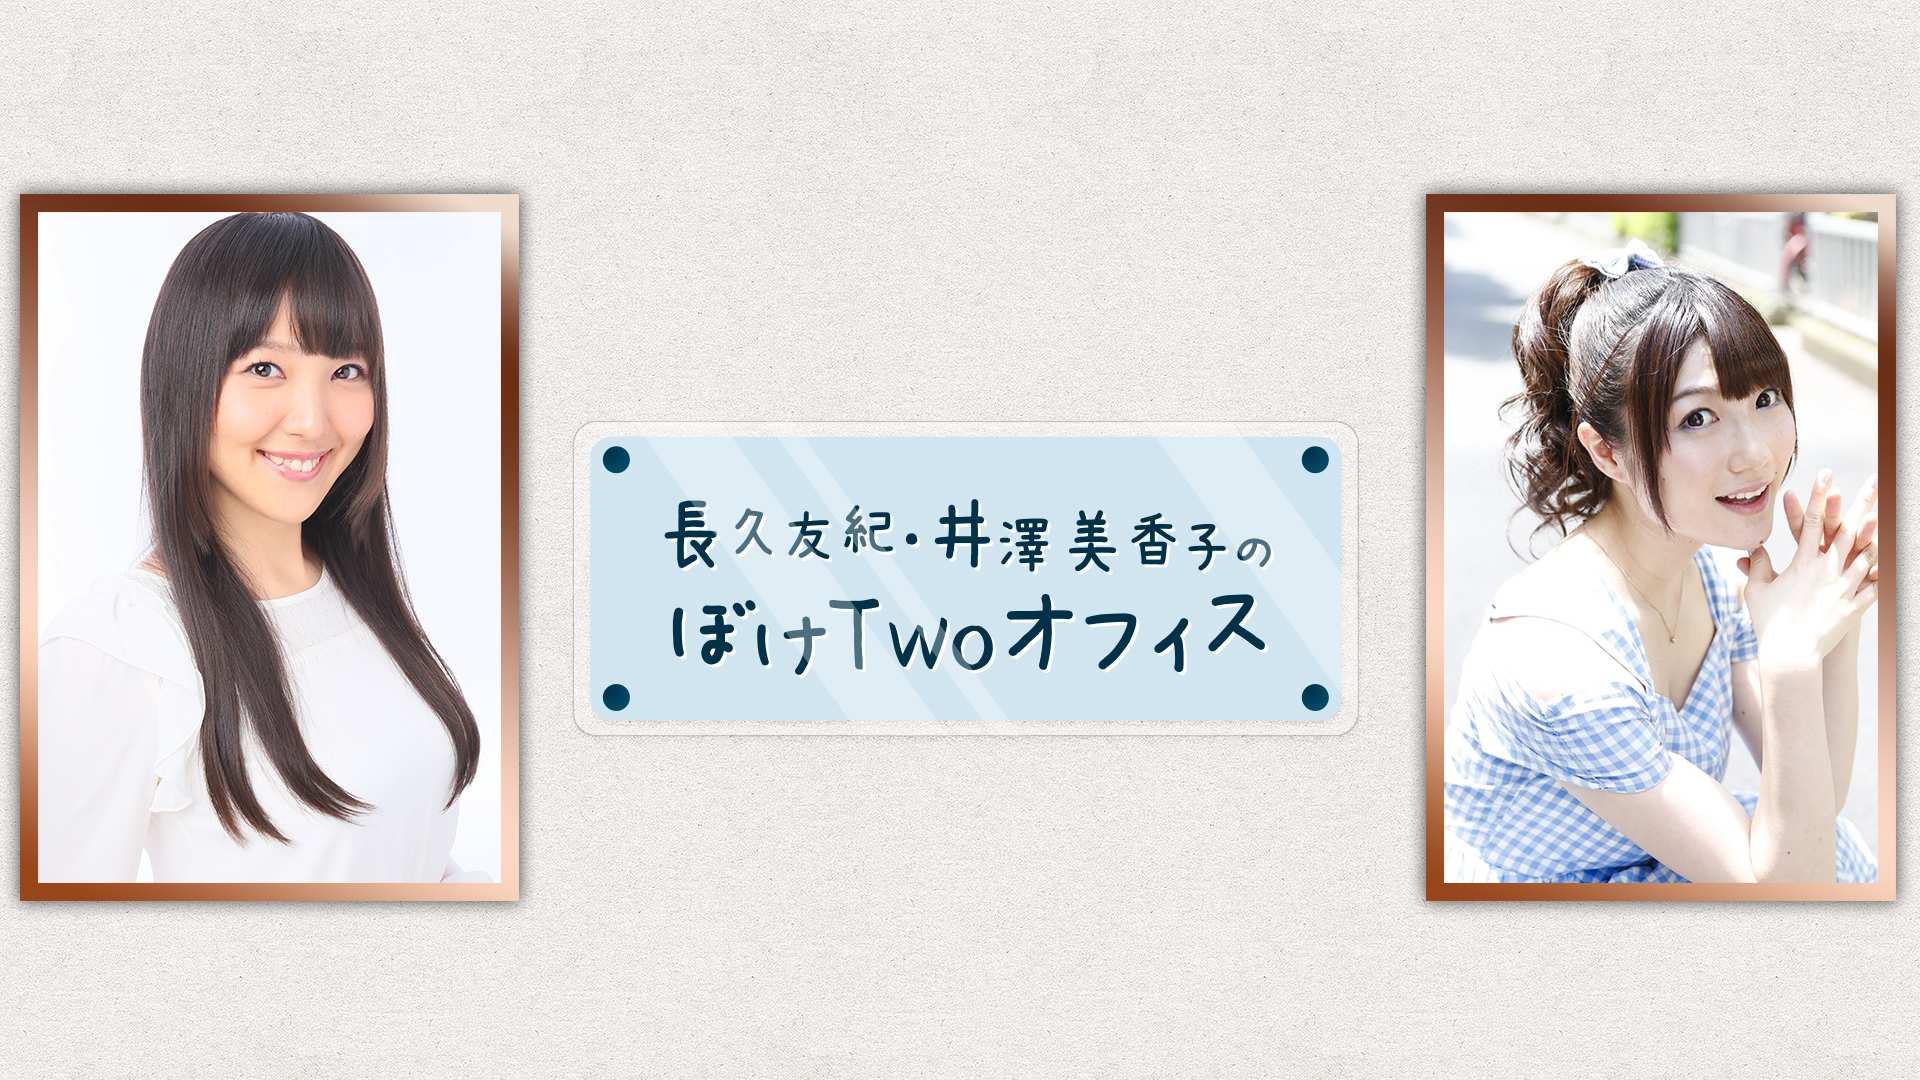 長久友紀・井澤美香子のぼけTwoオフィス 1stミーティング イベント限定Tシャツ付きチケット